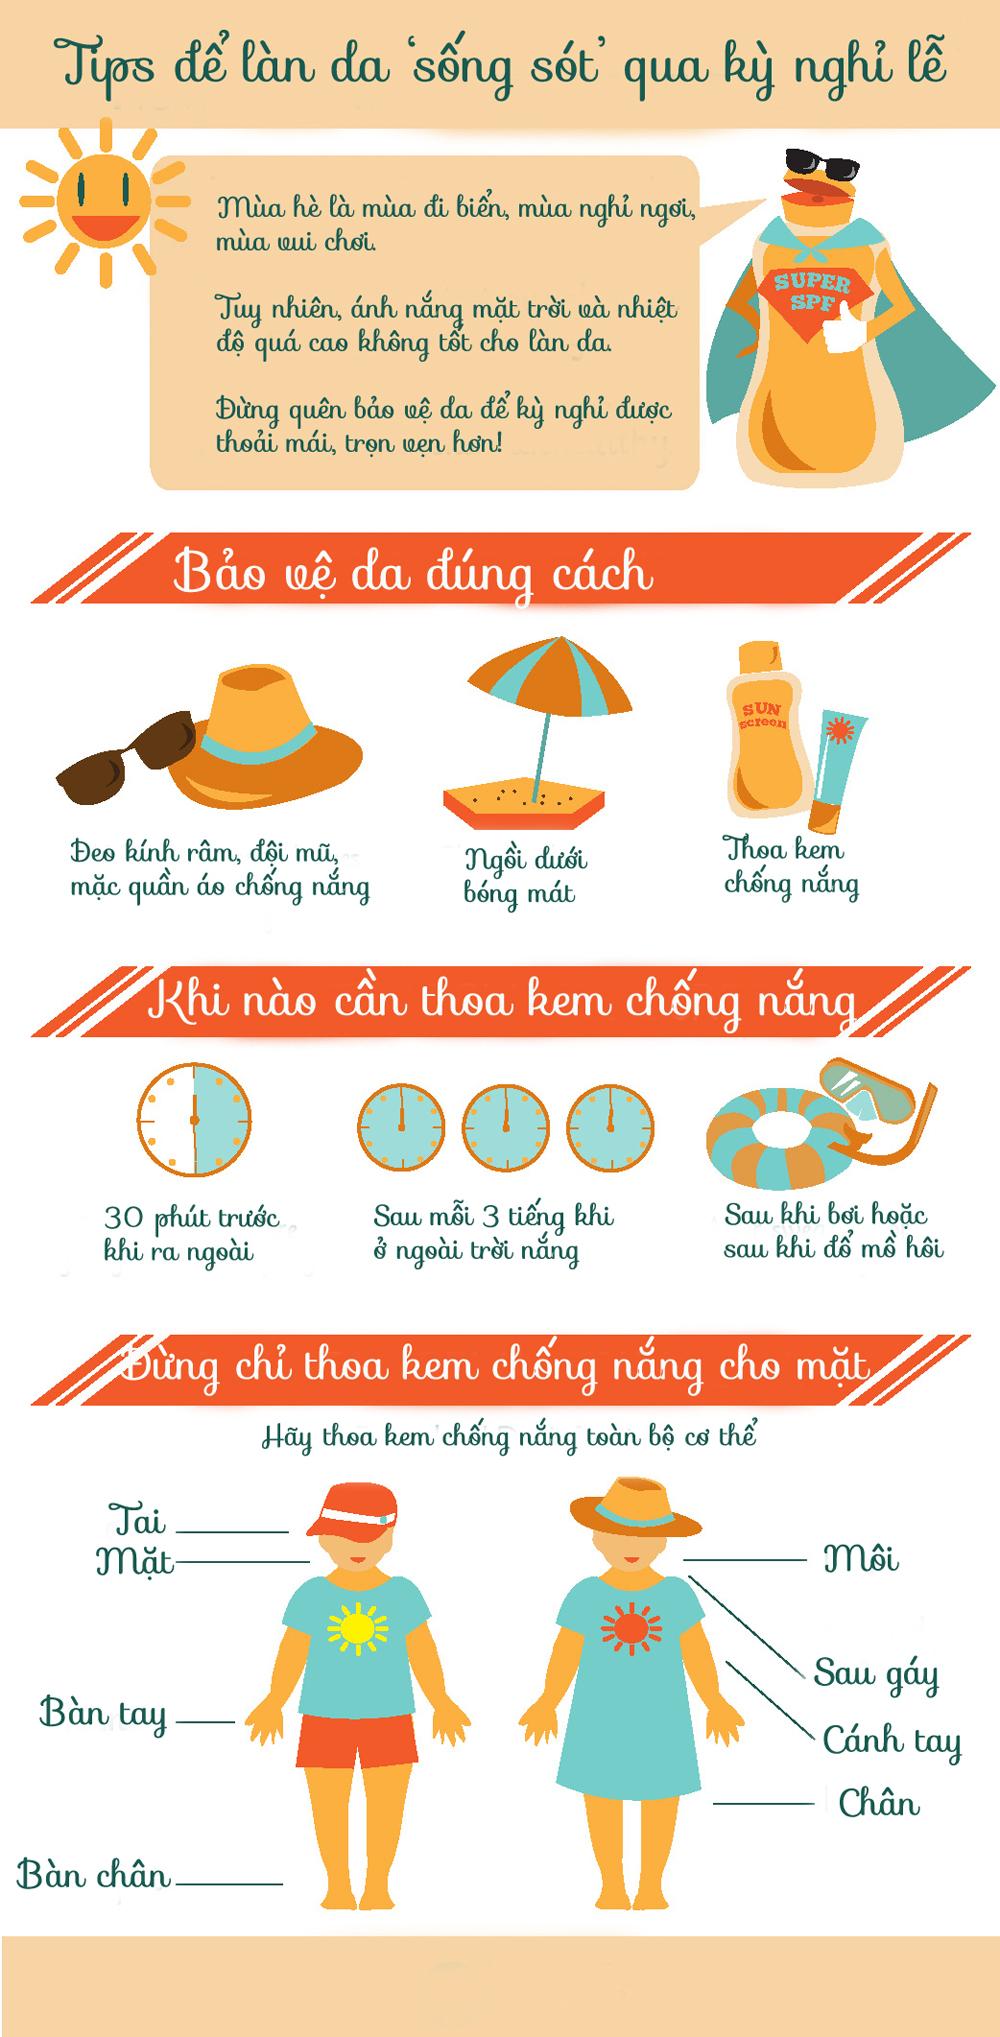 Tips để làn da 'sống sót' qua kỳ nghỉ lễ